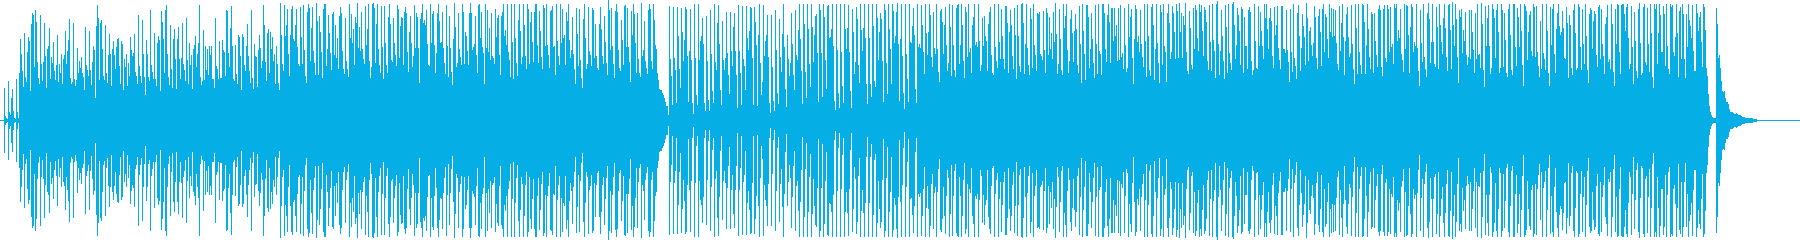 ハッピーな森のお散歩♫行進ポップの再生済みの波形